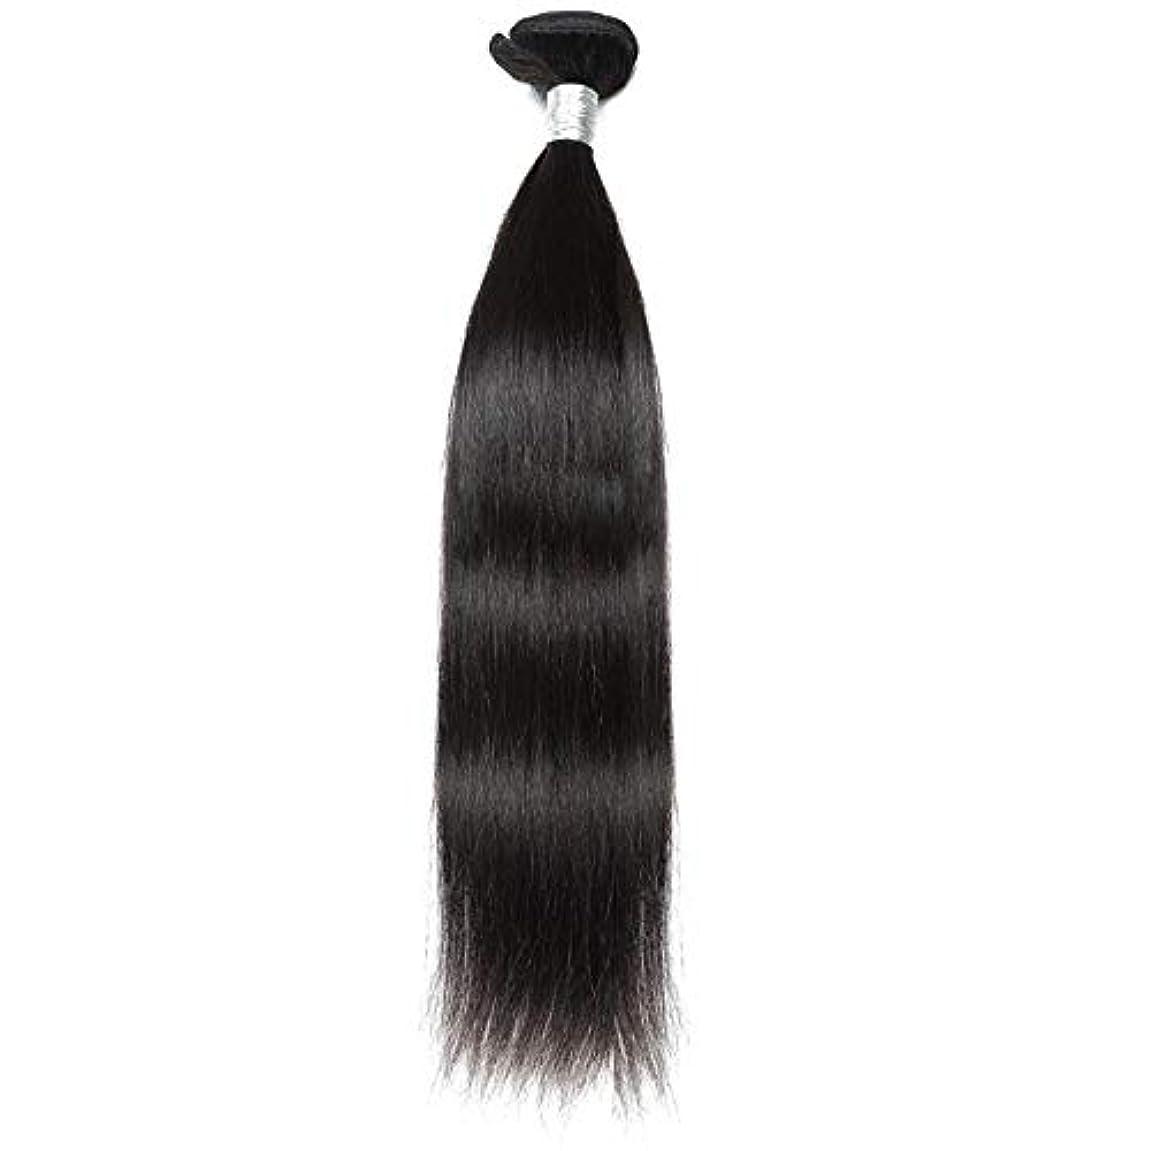 嵐が丘リングレット上級WASAIO ブラジルのバージン毛なめらかな単純明快な人間が1つのバンドルナチュラルカラーの拡張バンドルを編む(10インチ?26インチ) (色 : 黒, サイズ : 12 inch)